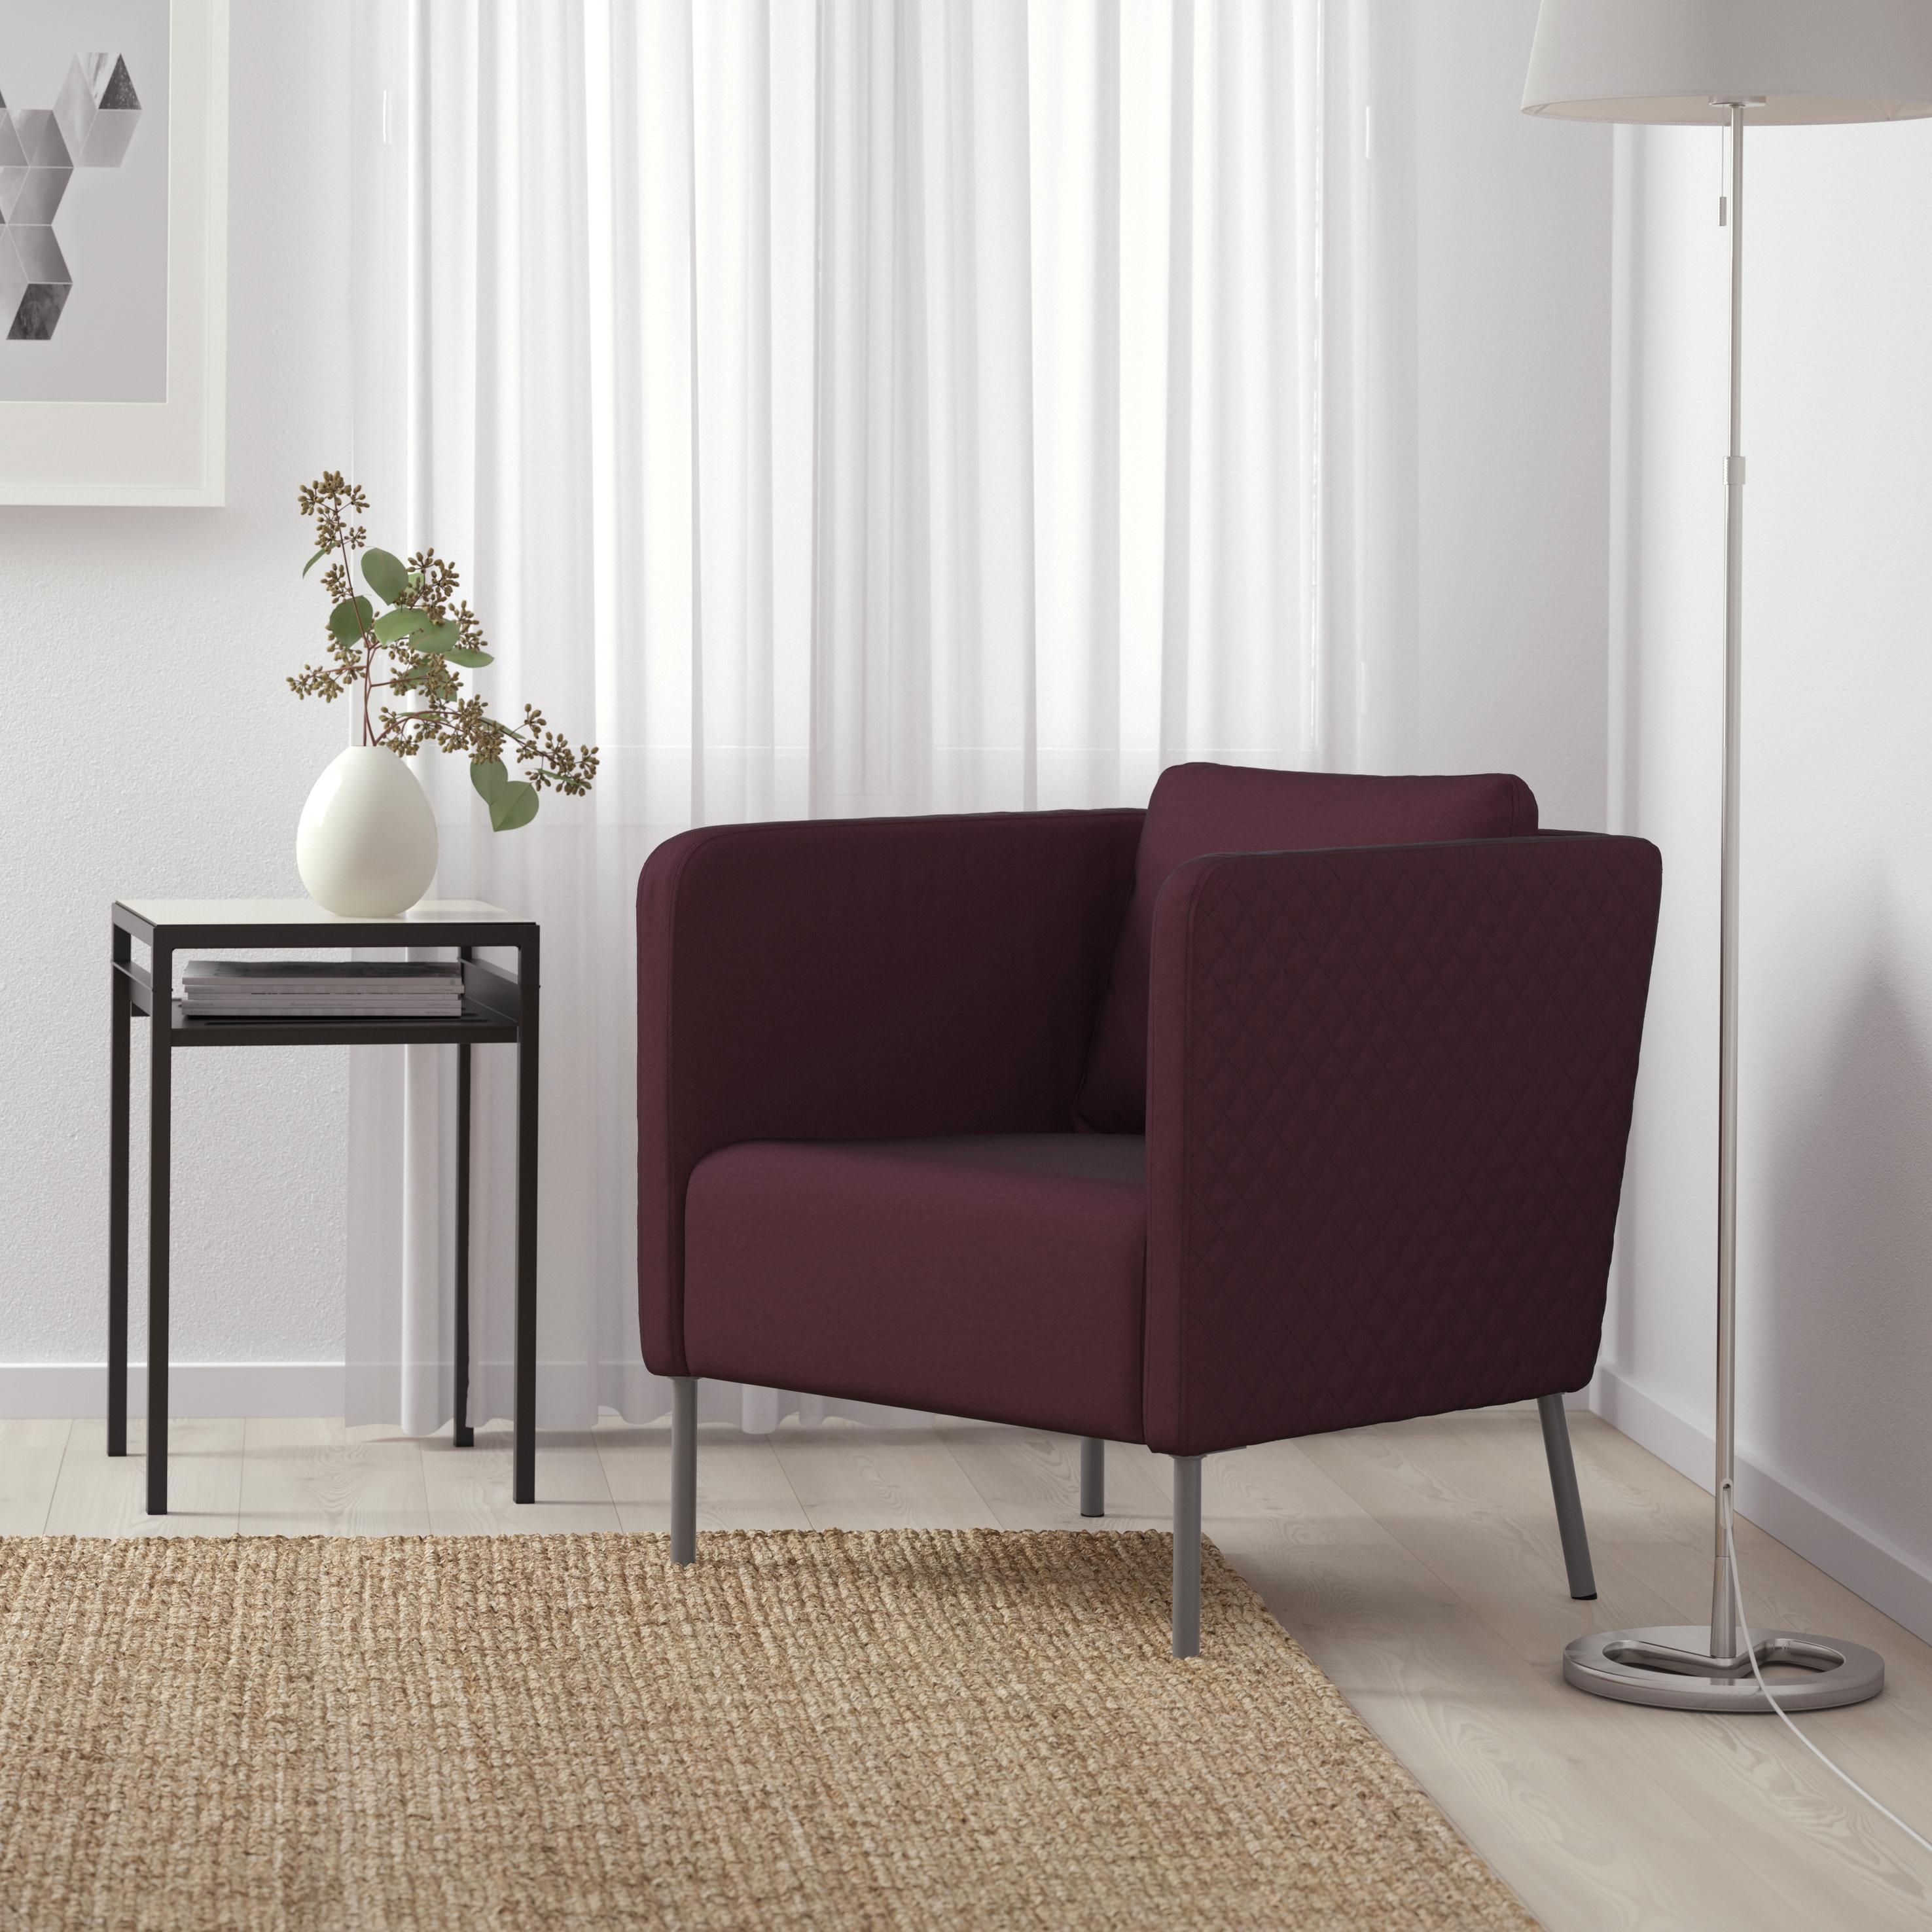 Prisutveckling på IKEA Ekerö Fåtölj Hitta bästa priset